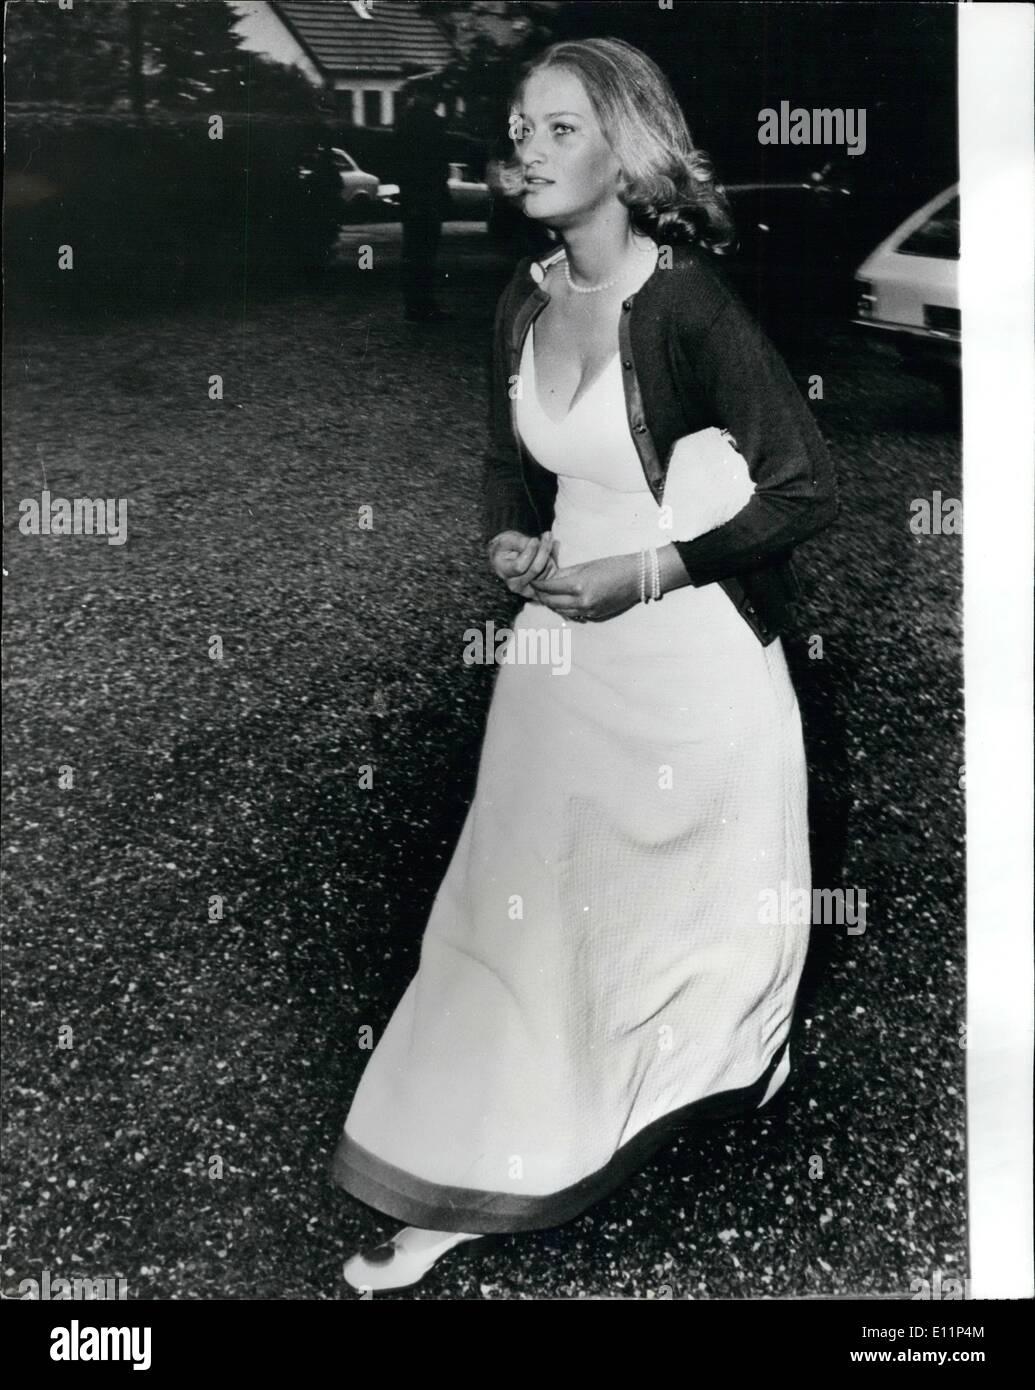 Mai 05, 1979 - Les Danois croient comtesse désirs pourraient être la fiancée pour le prince Charles? Les amis du tribunal danois estiment que 24 ans Comtesse Desiree de Ingeborg Maratha rosin borgwould l'oiseau parfait pour le prince Charles. Desireew, surnommé desy, est la fille du comte Fleming, anciennement prince du Danemark. Il renonçait à son titre quand il a épousé un roturier, Ruth Nielsen en 1949. Les comtesses est une reine venue de Margaretha de Danemark. Demain, la reine et le prince Philip va commencer une visite d'Etat de quatre jours au Danemark, de sorte qu'ils auront la chance de rencontrer Desiree Photo Stock